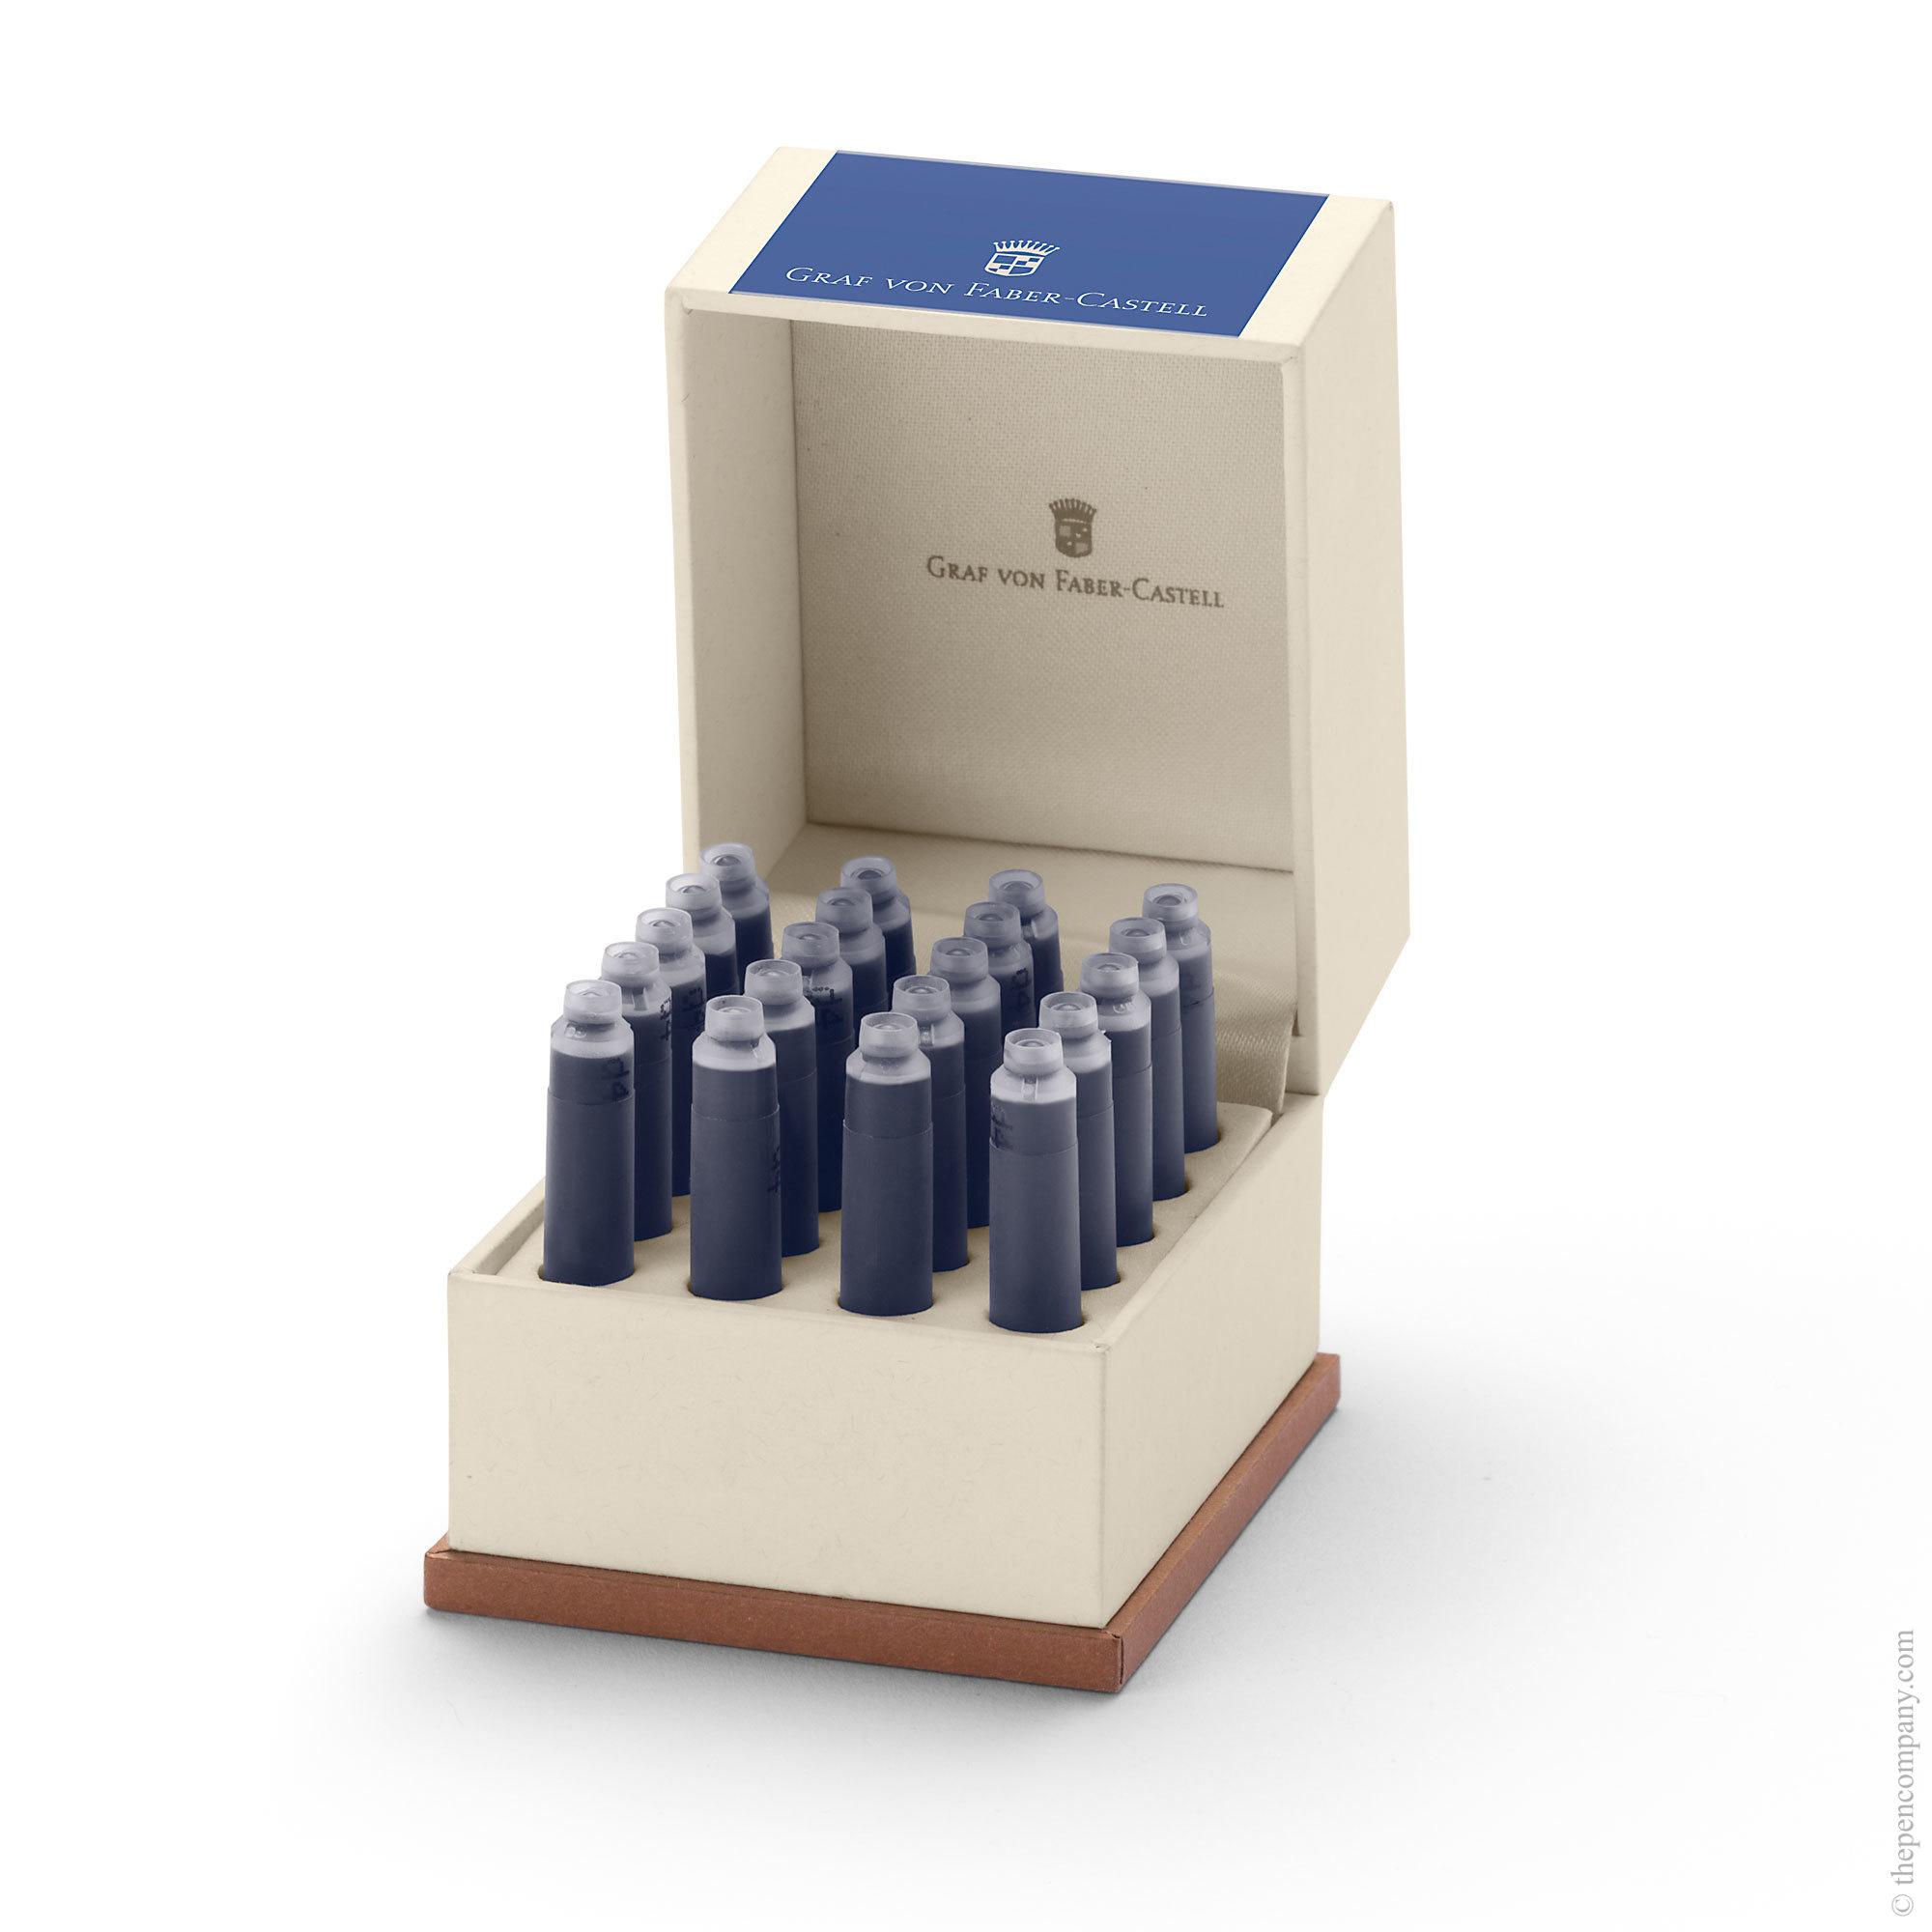 Graf von Faber-Castell Royal Blue 75 ml (141009)